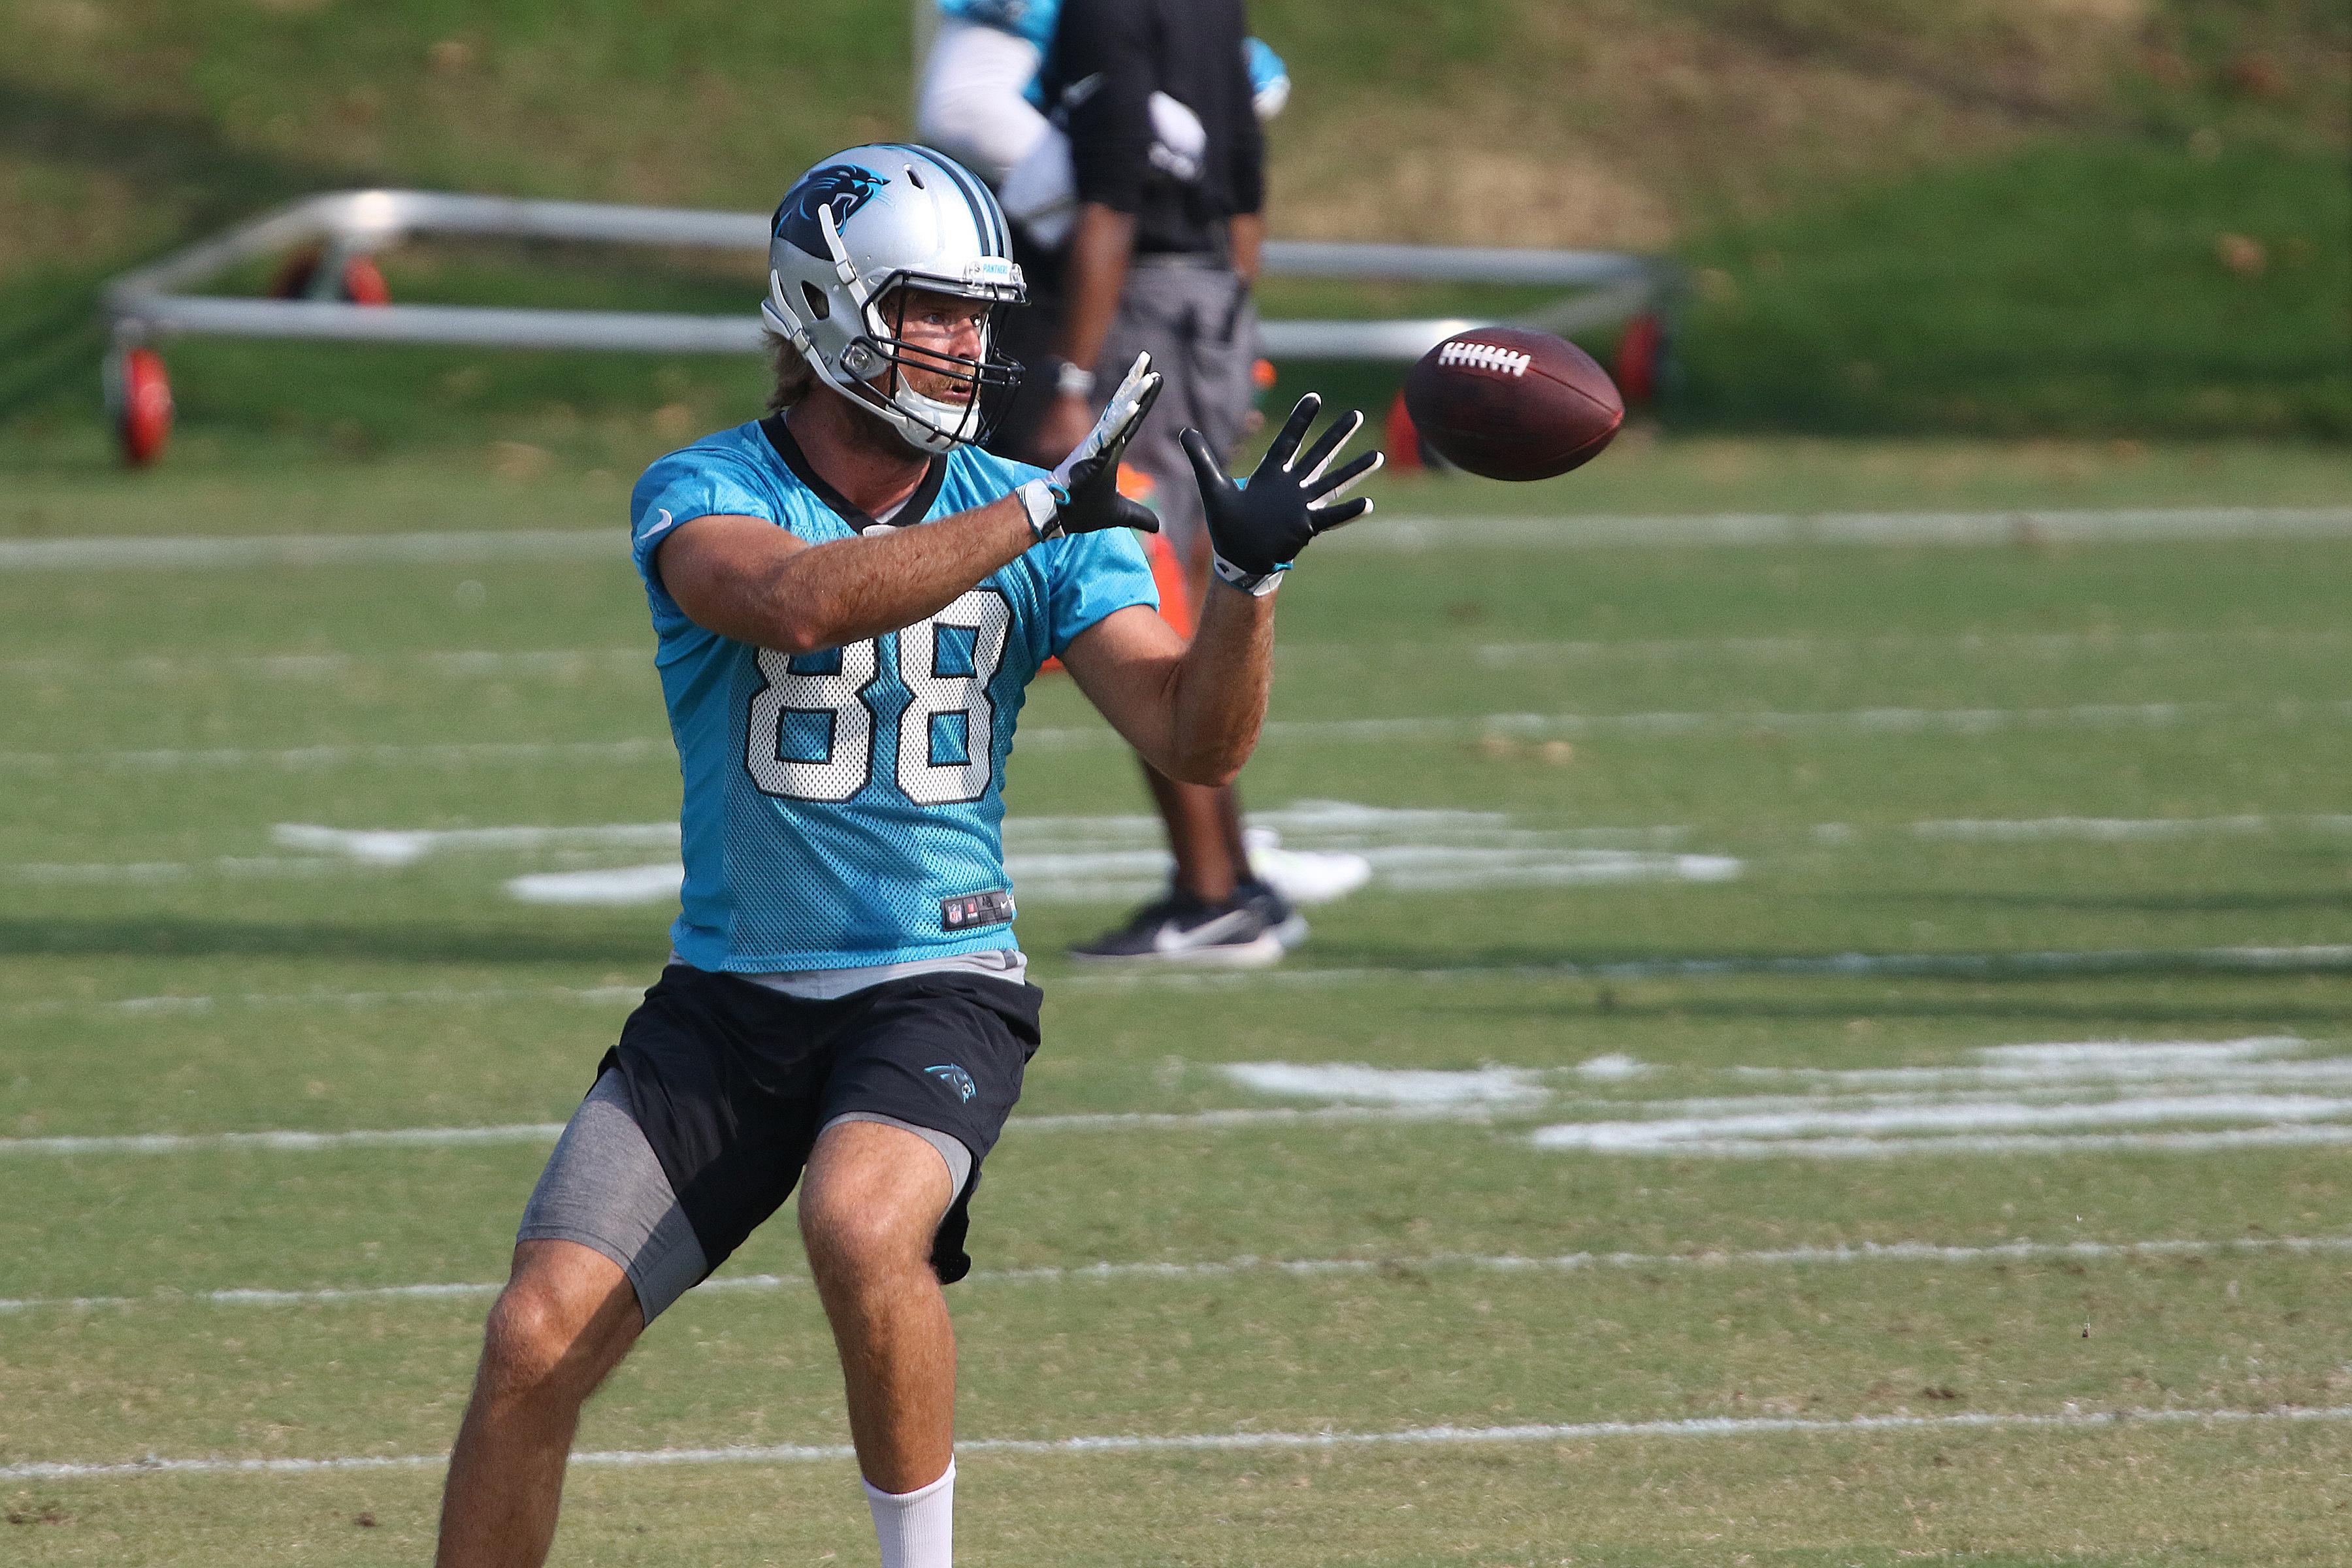 NFL: JUN 03 Carolina Panthers OTA